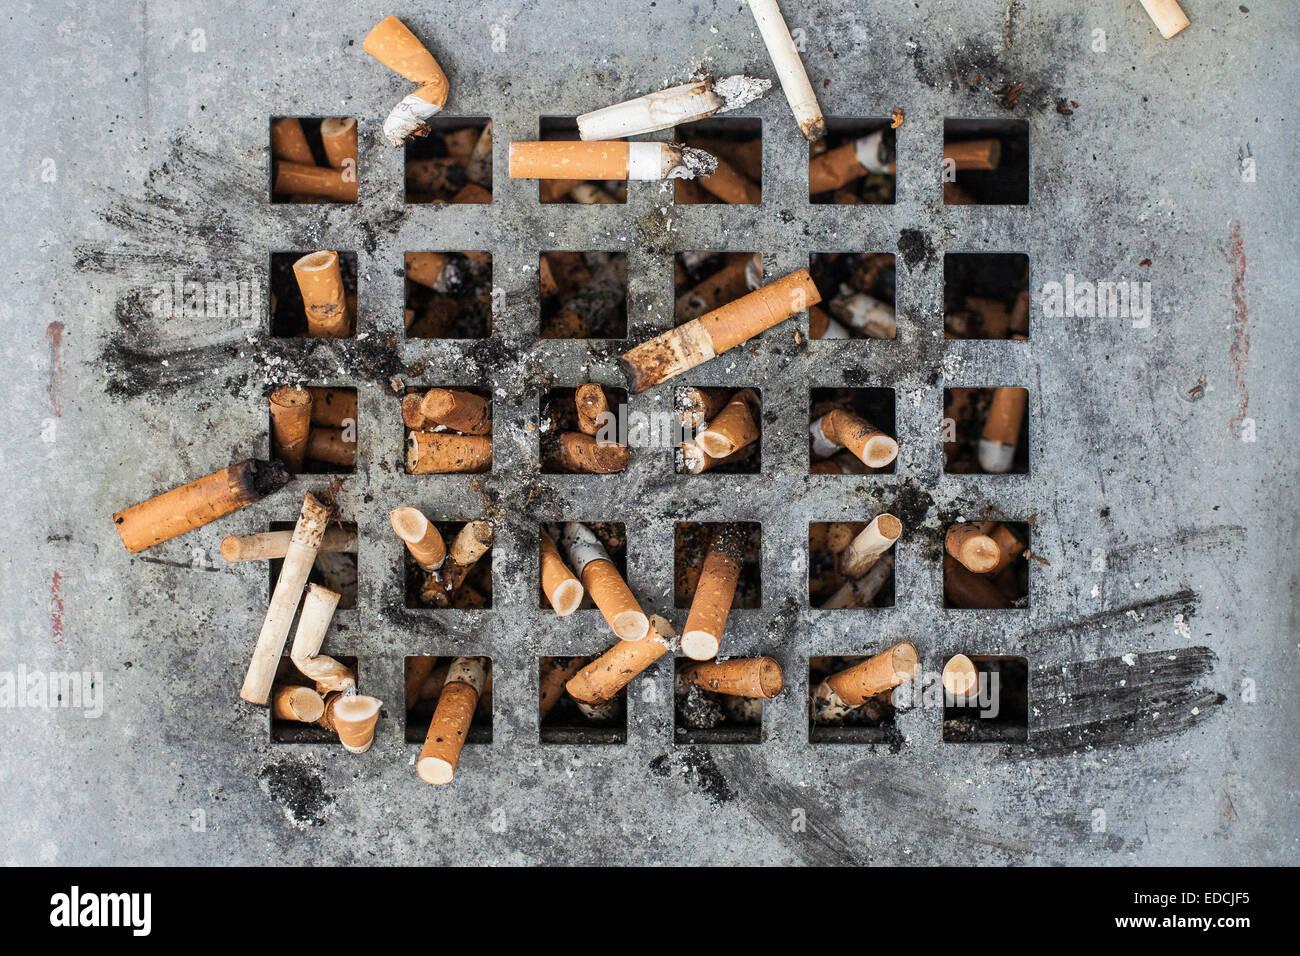 Zigarettenkippen Stockbild